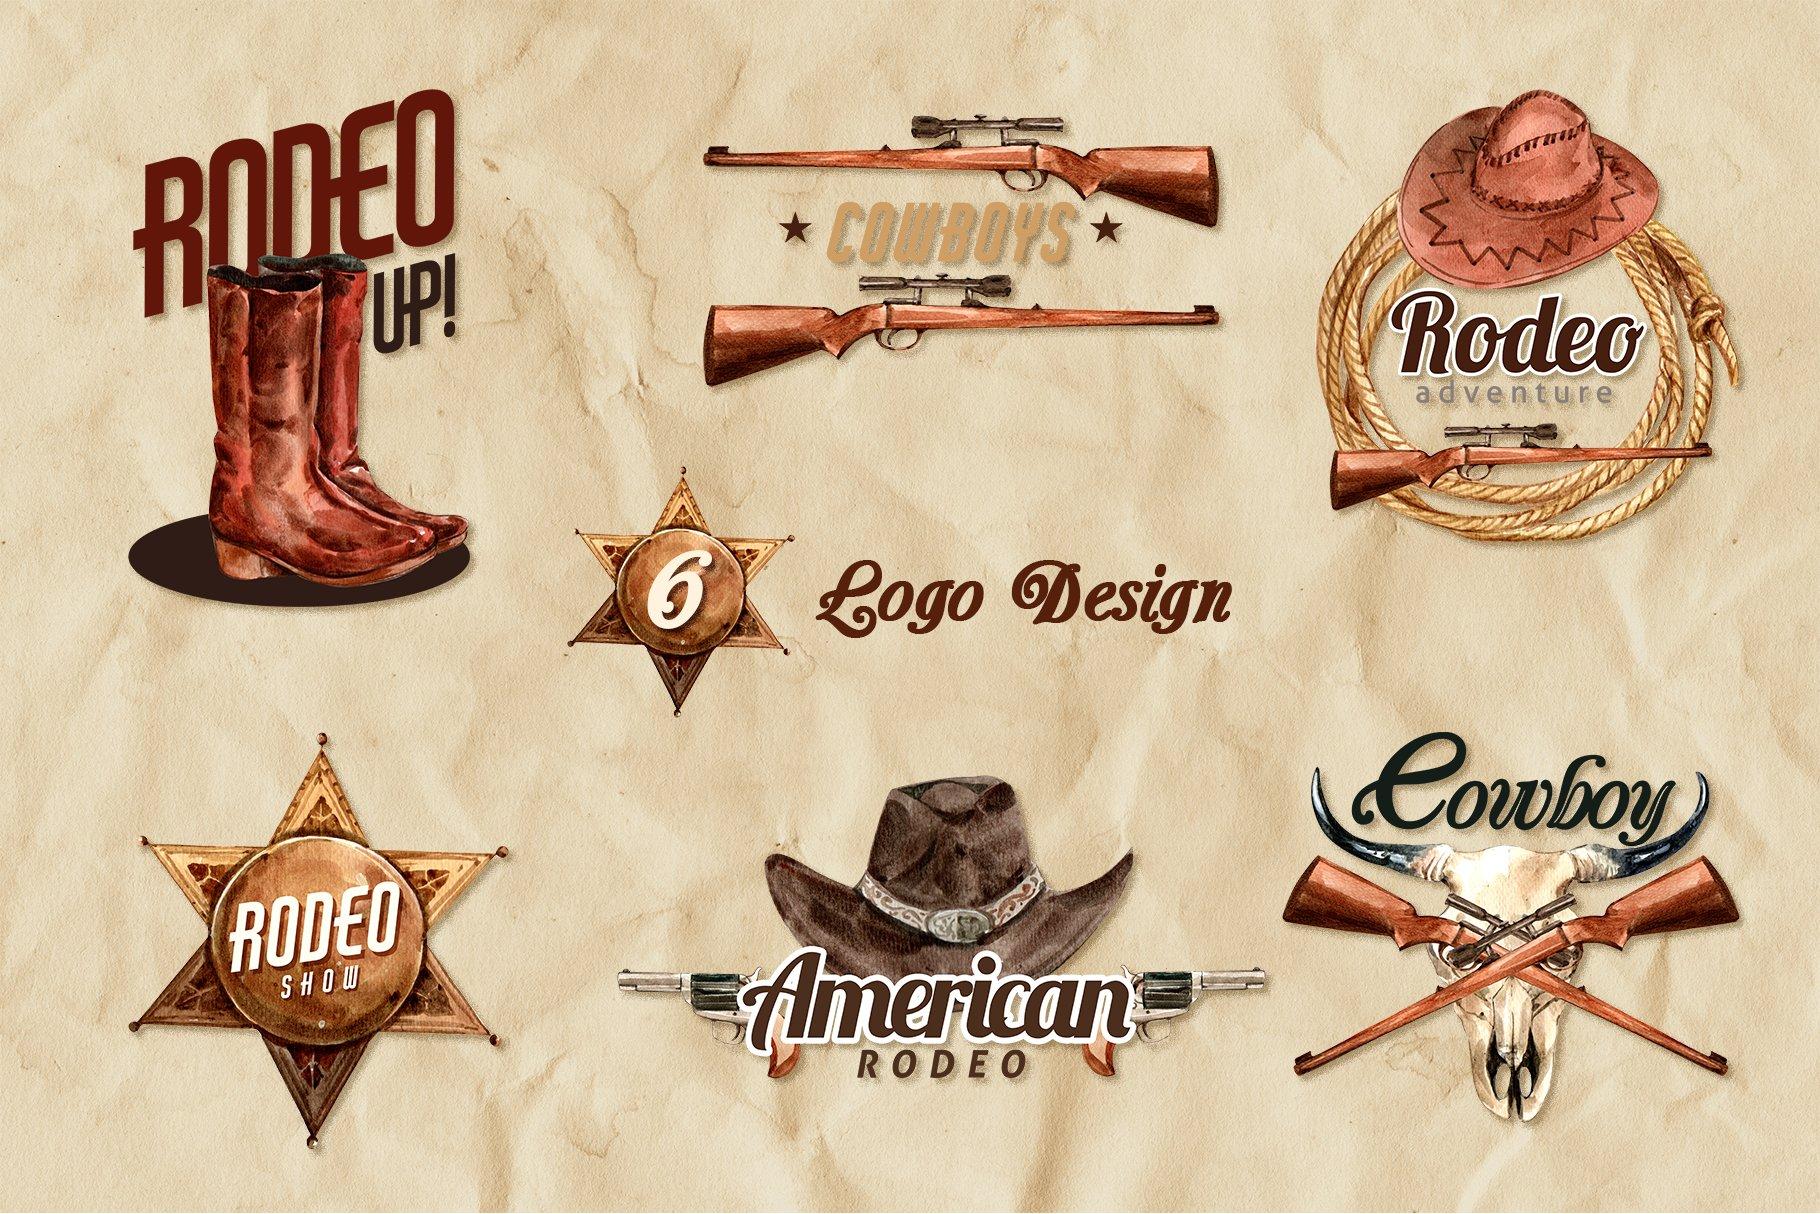 牛仔英雄元素水彩剪贴画PNG免抠图片素材 The Story of Cowboy Hero Watercolors Set插图(6)